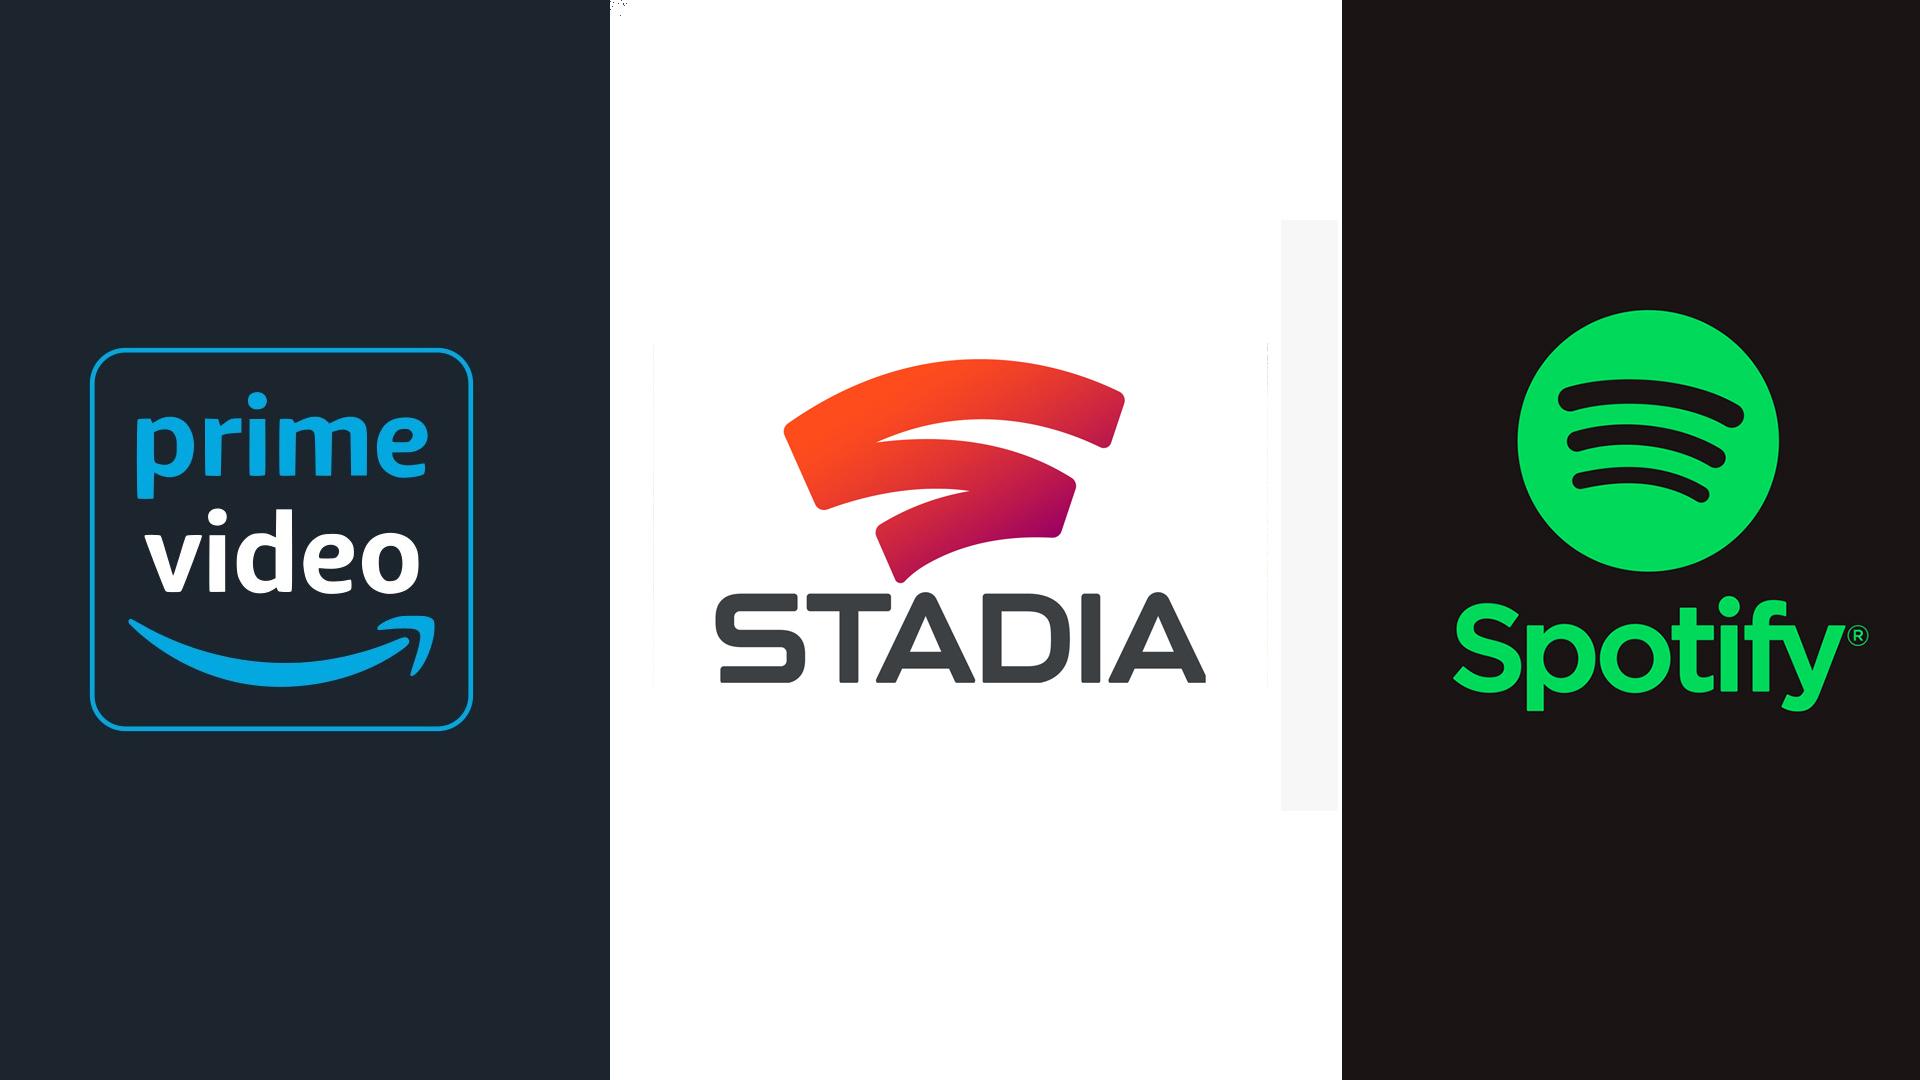 prime-spotify-stadia